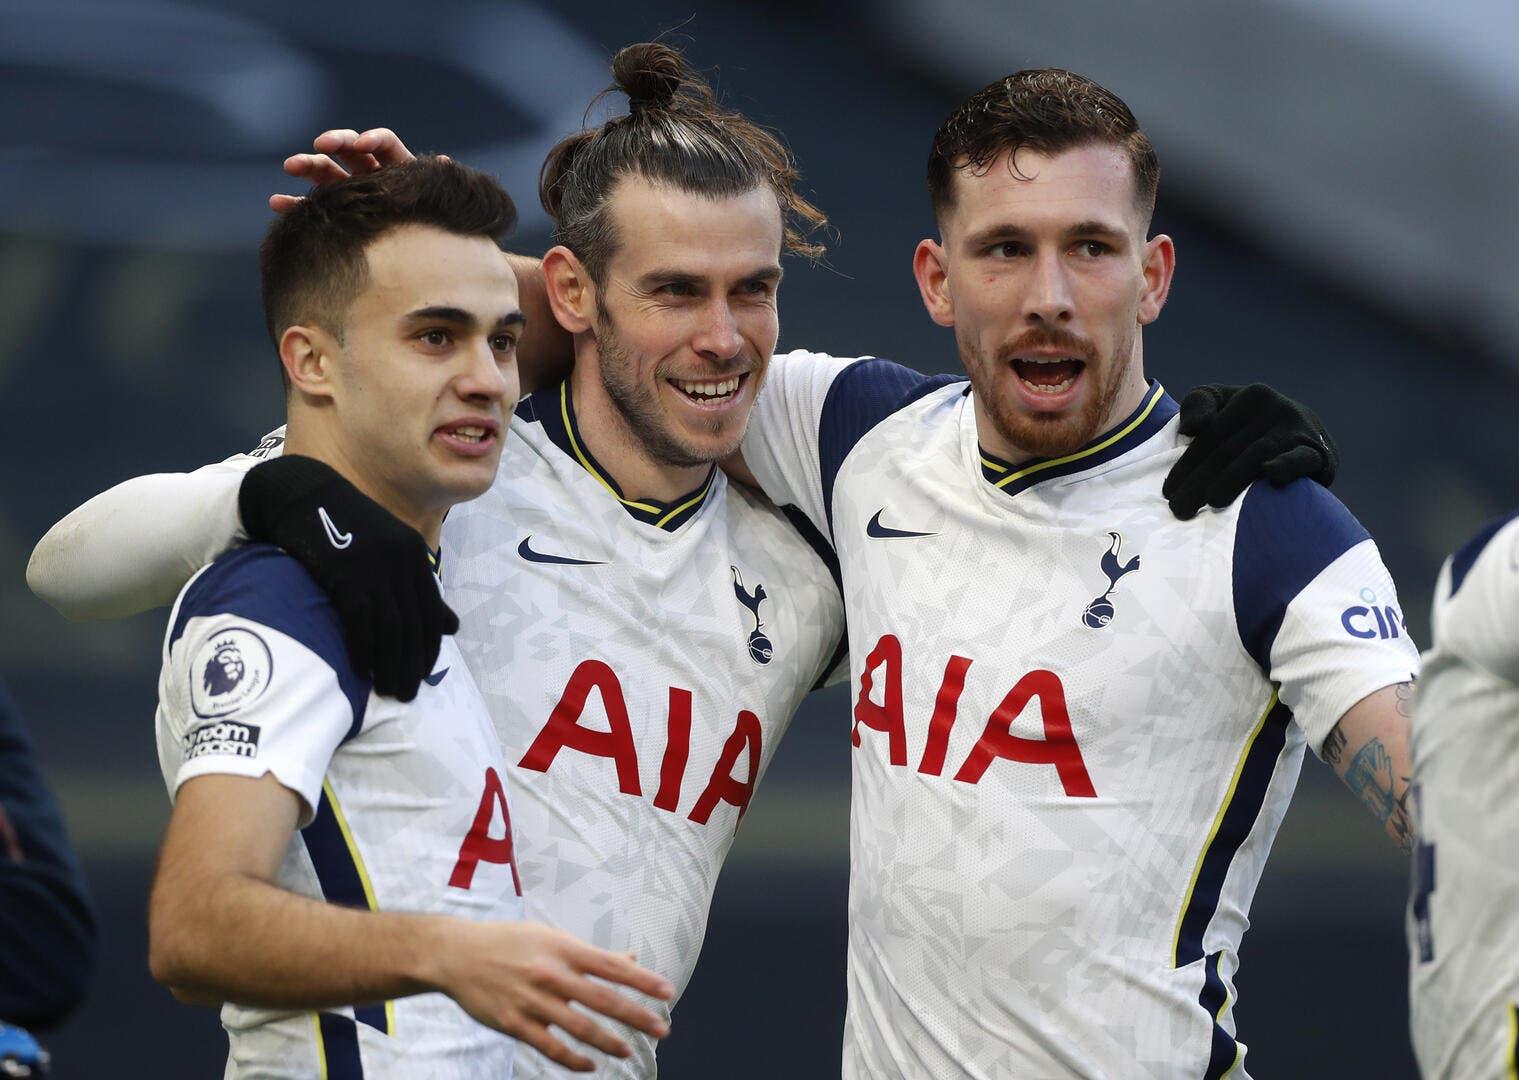 Madrid : Gareth Bale atout n°1 de Zidane pour Mbappé ?